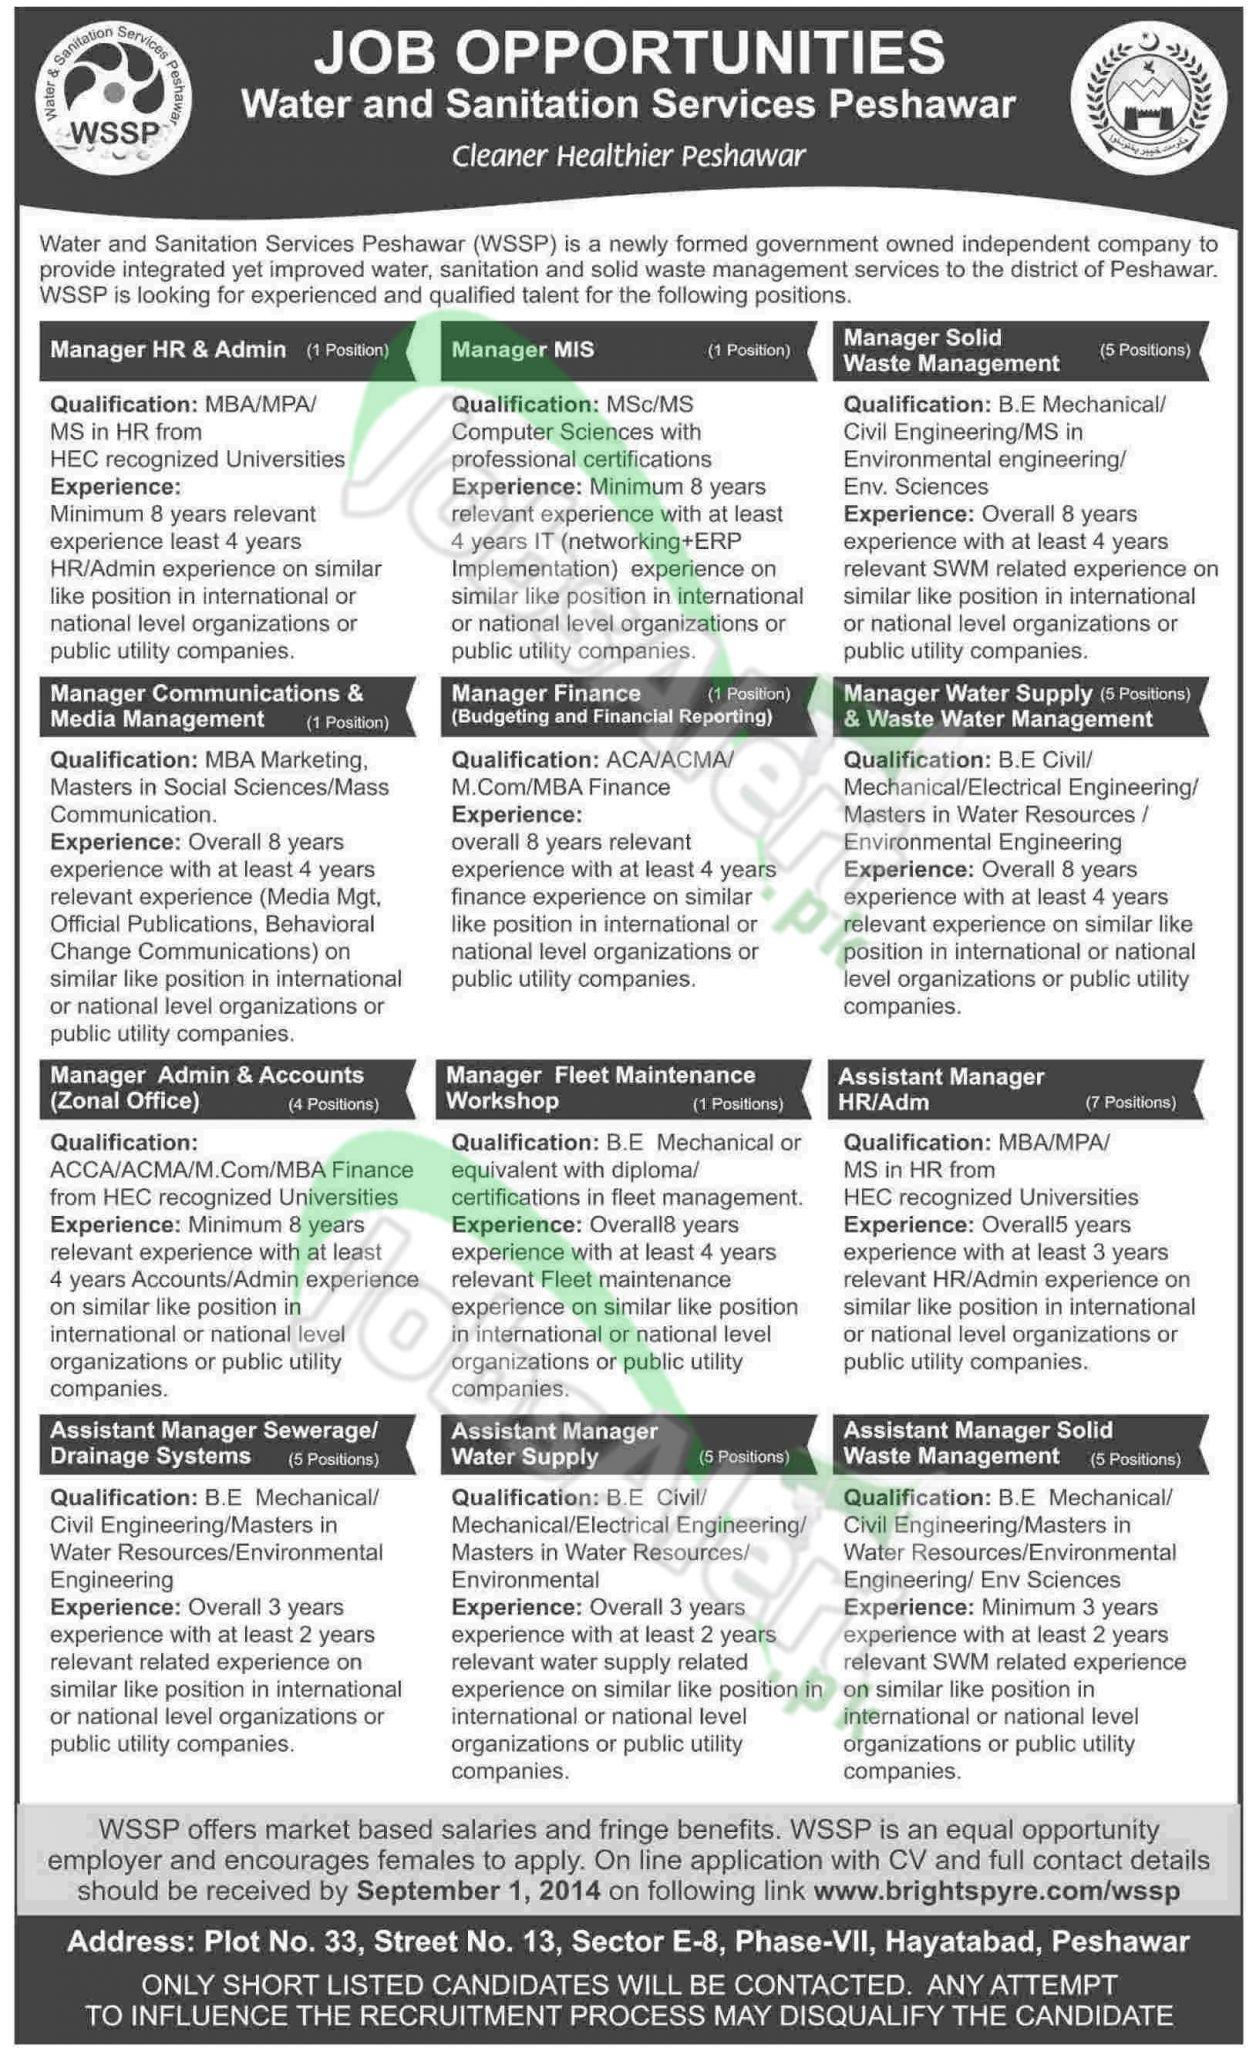 Water & Sanitation Services Peshawar (WSSP) KPK